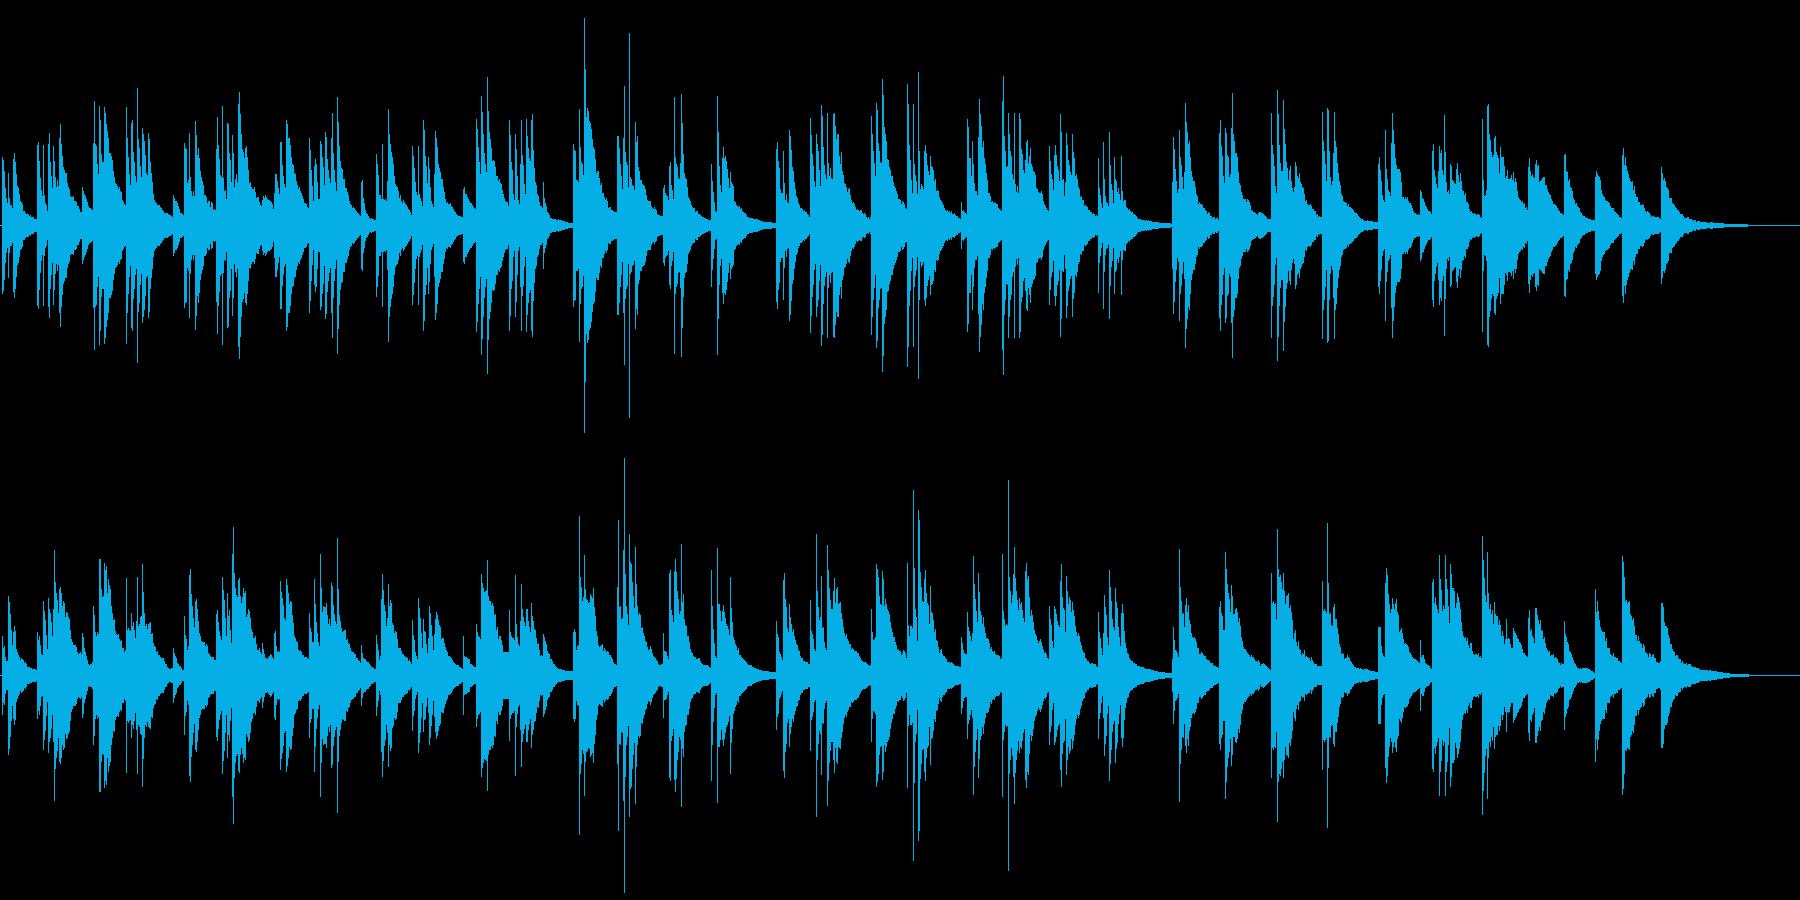 囁くようなタッチで弾くピアノバラードの再生済みの波形